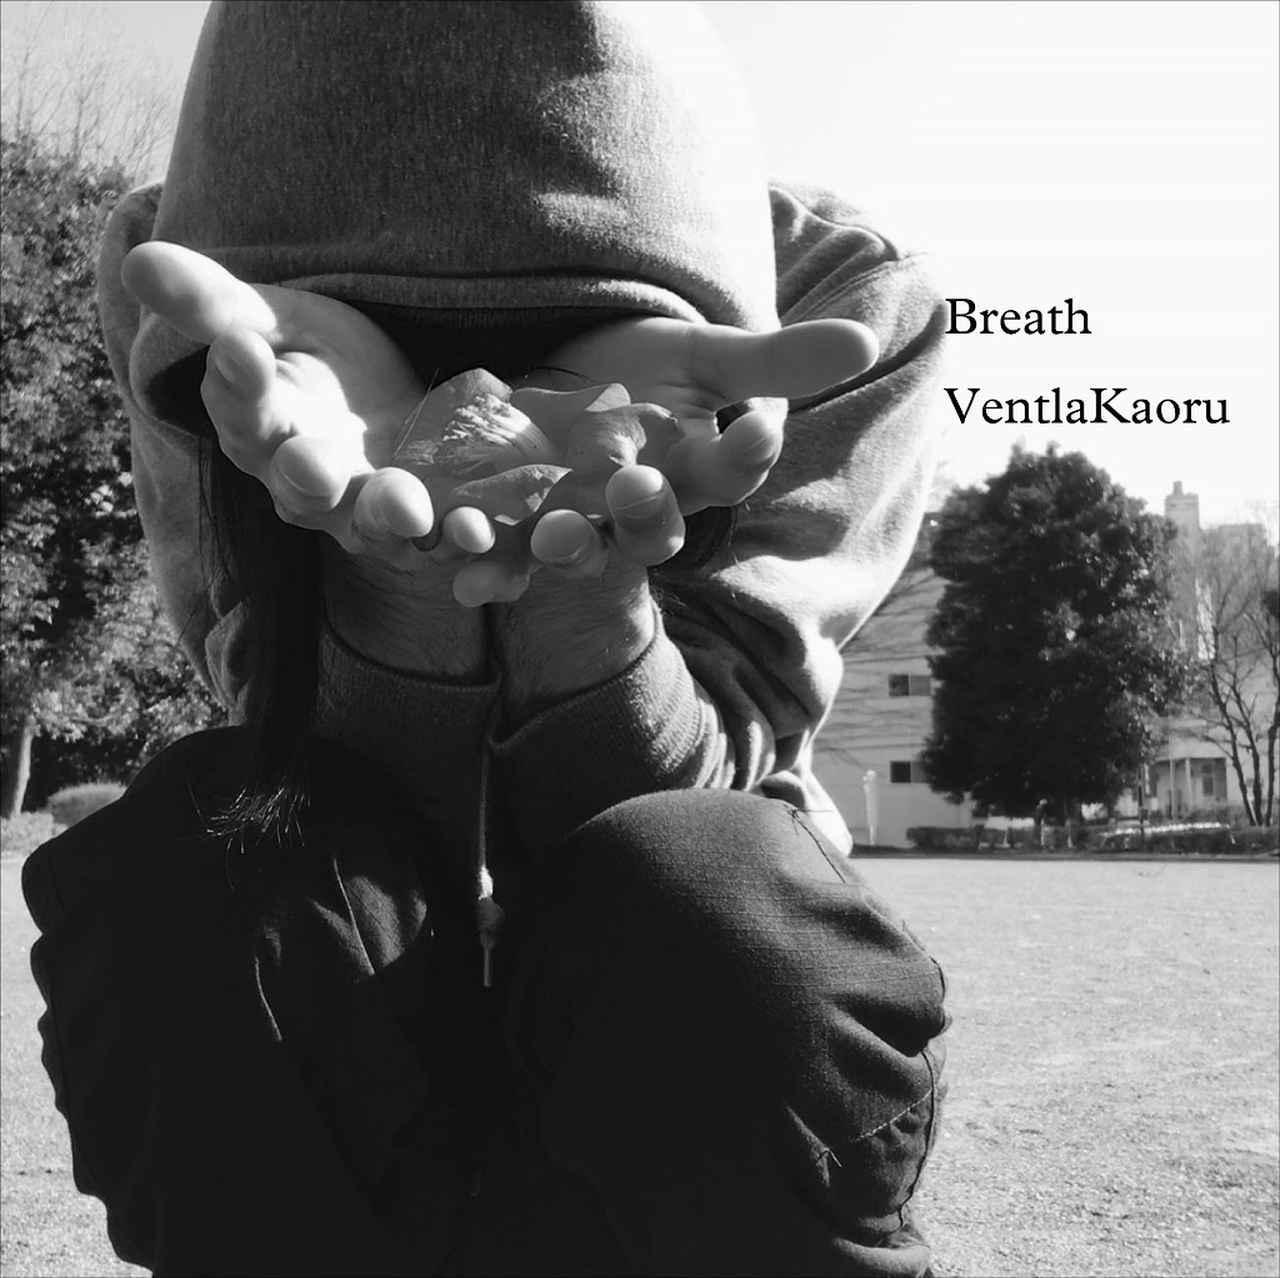 画像: Breath / ベントラーカオル